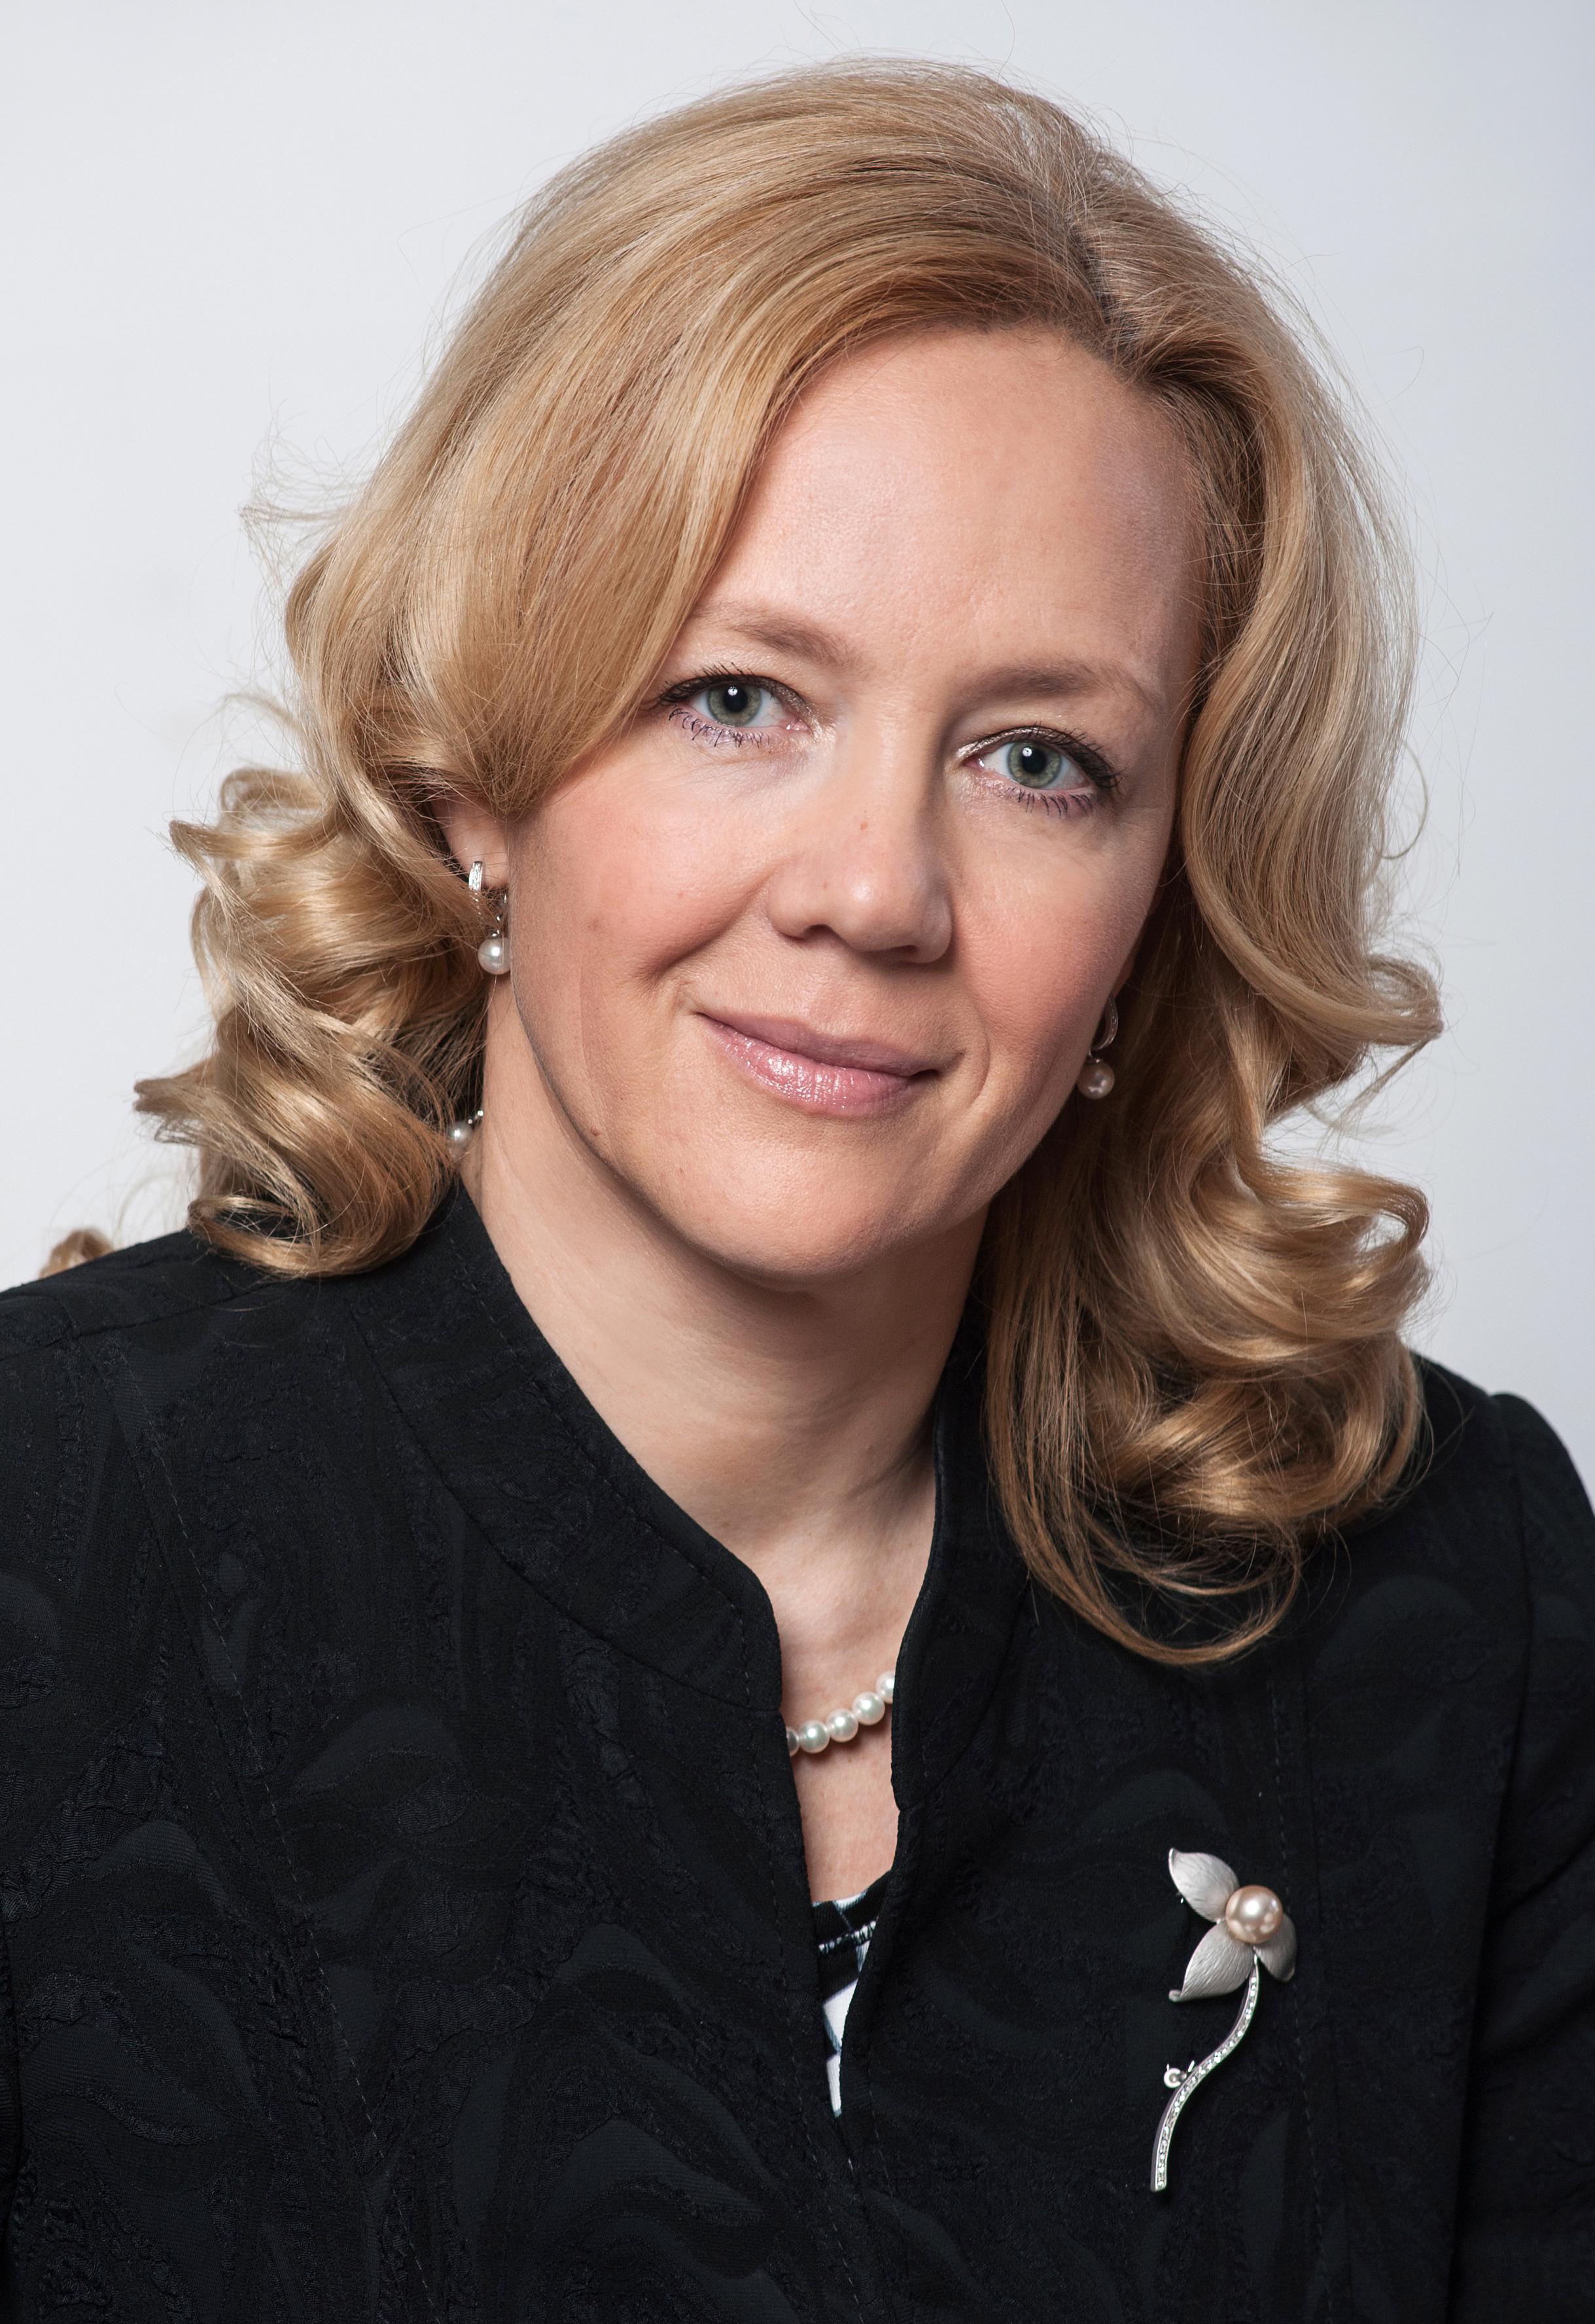 Интервью управляющего Иркутским региональным отделением Фонда социального страхования Соболь Я.В.